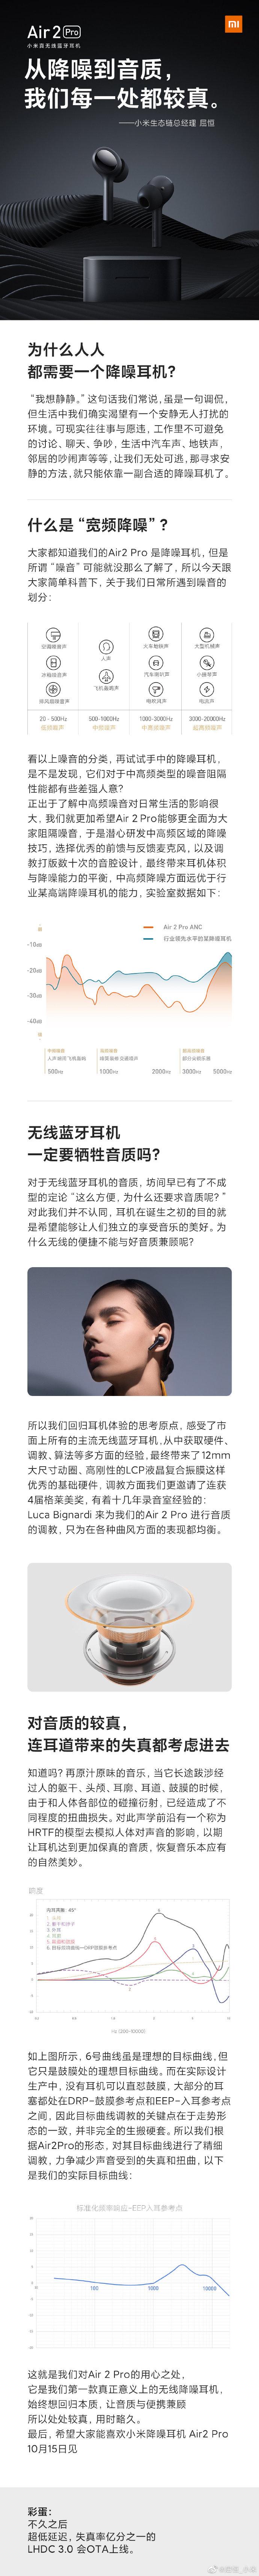 小米官方解释:小米降噪耳机Air 2 Pro-玩懂手机网 - 玩懂手机第一手的手机资讯网(www.wdshouji.com)